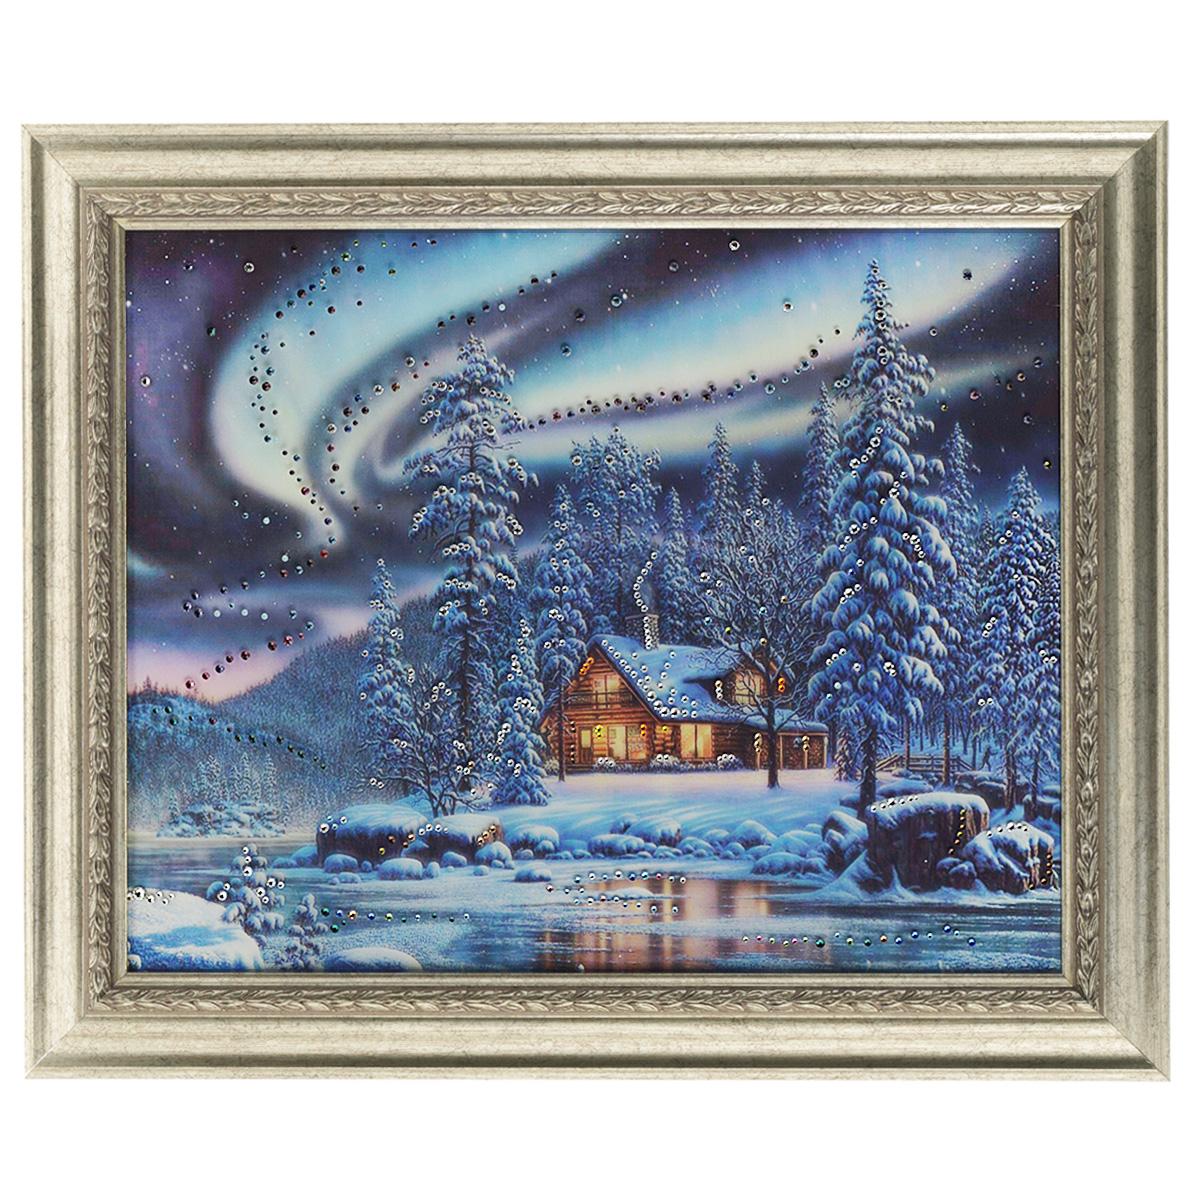 Картина с кристаллами Swarovski Северное сияние, 60 см х 50 см1274Изящная картина в багетной раме, инкрустирована кристаллами Swarovski, которые отличаются четкой и ровной огранкой, ярким блеском и чистотой цвета. Красочное изображение домика и северного сияния, расположенное на внутренней стороне стекла, прекрасно дополняет блеск кристаллов. С обратной стороны имеется металлическая проволока для размещения картины на стене. Картина с кристаллами Swarovski Северное сияние элегантно украсит интерьер дома или офиса, а также станет прекрасным подарком, который обязательно понравится получателю. Блеск кристаллов в интерьере, что может быть сказочнее и удивительнее. Картина упакована в подарочную картонную коробку синего цвета и комплектуется сертификатом соответствия Swarovski.